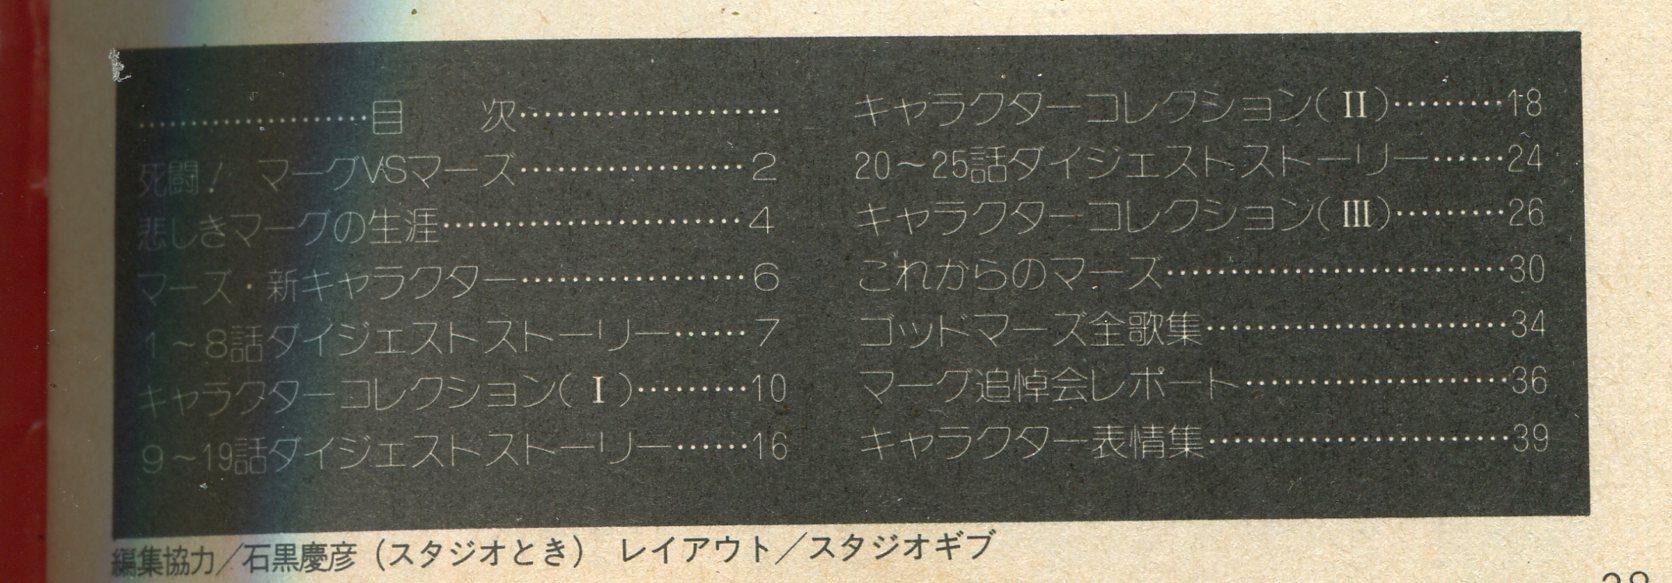 画像2: 六神合体ゴッドマーズノート